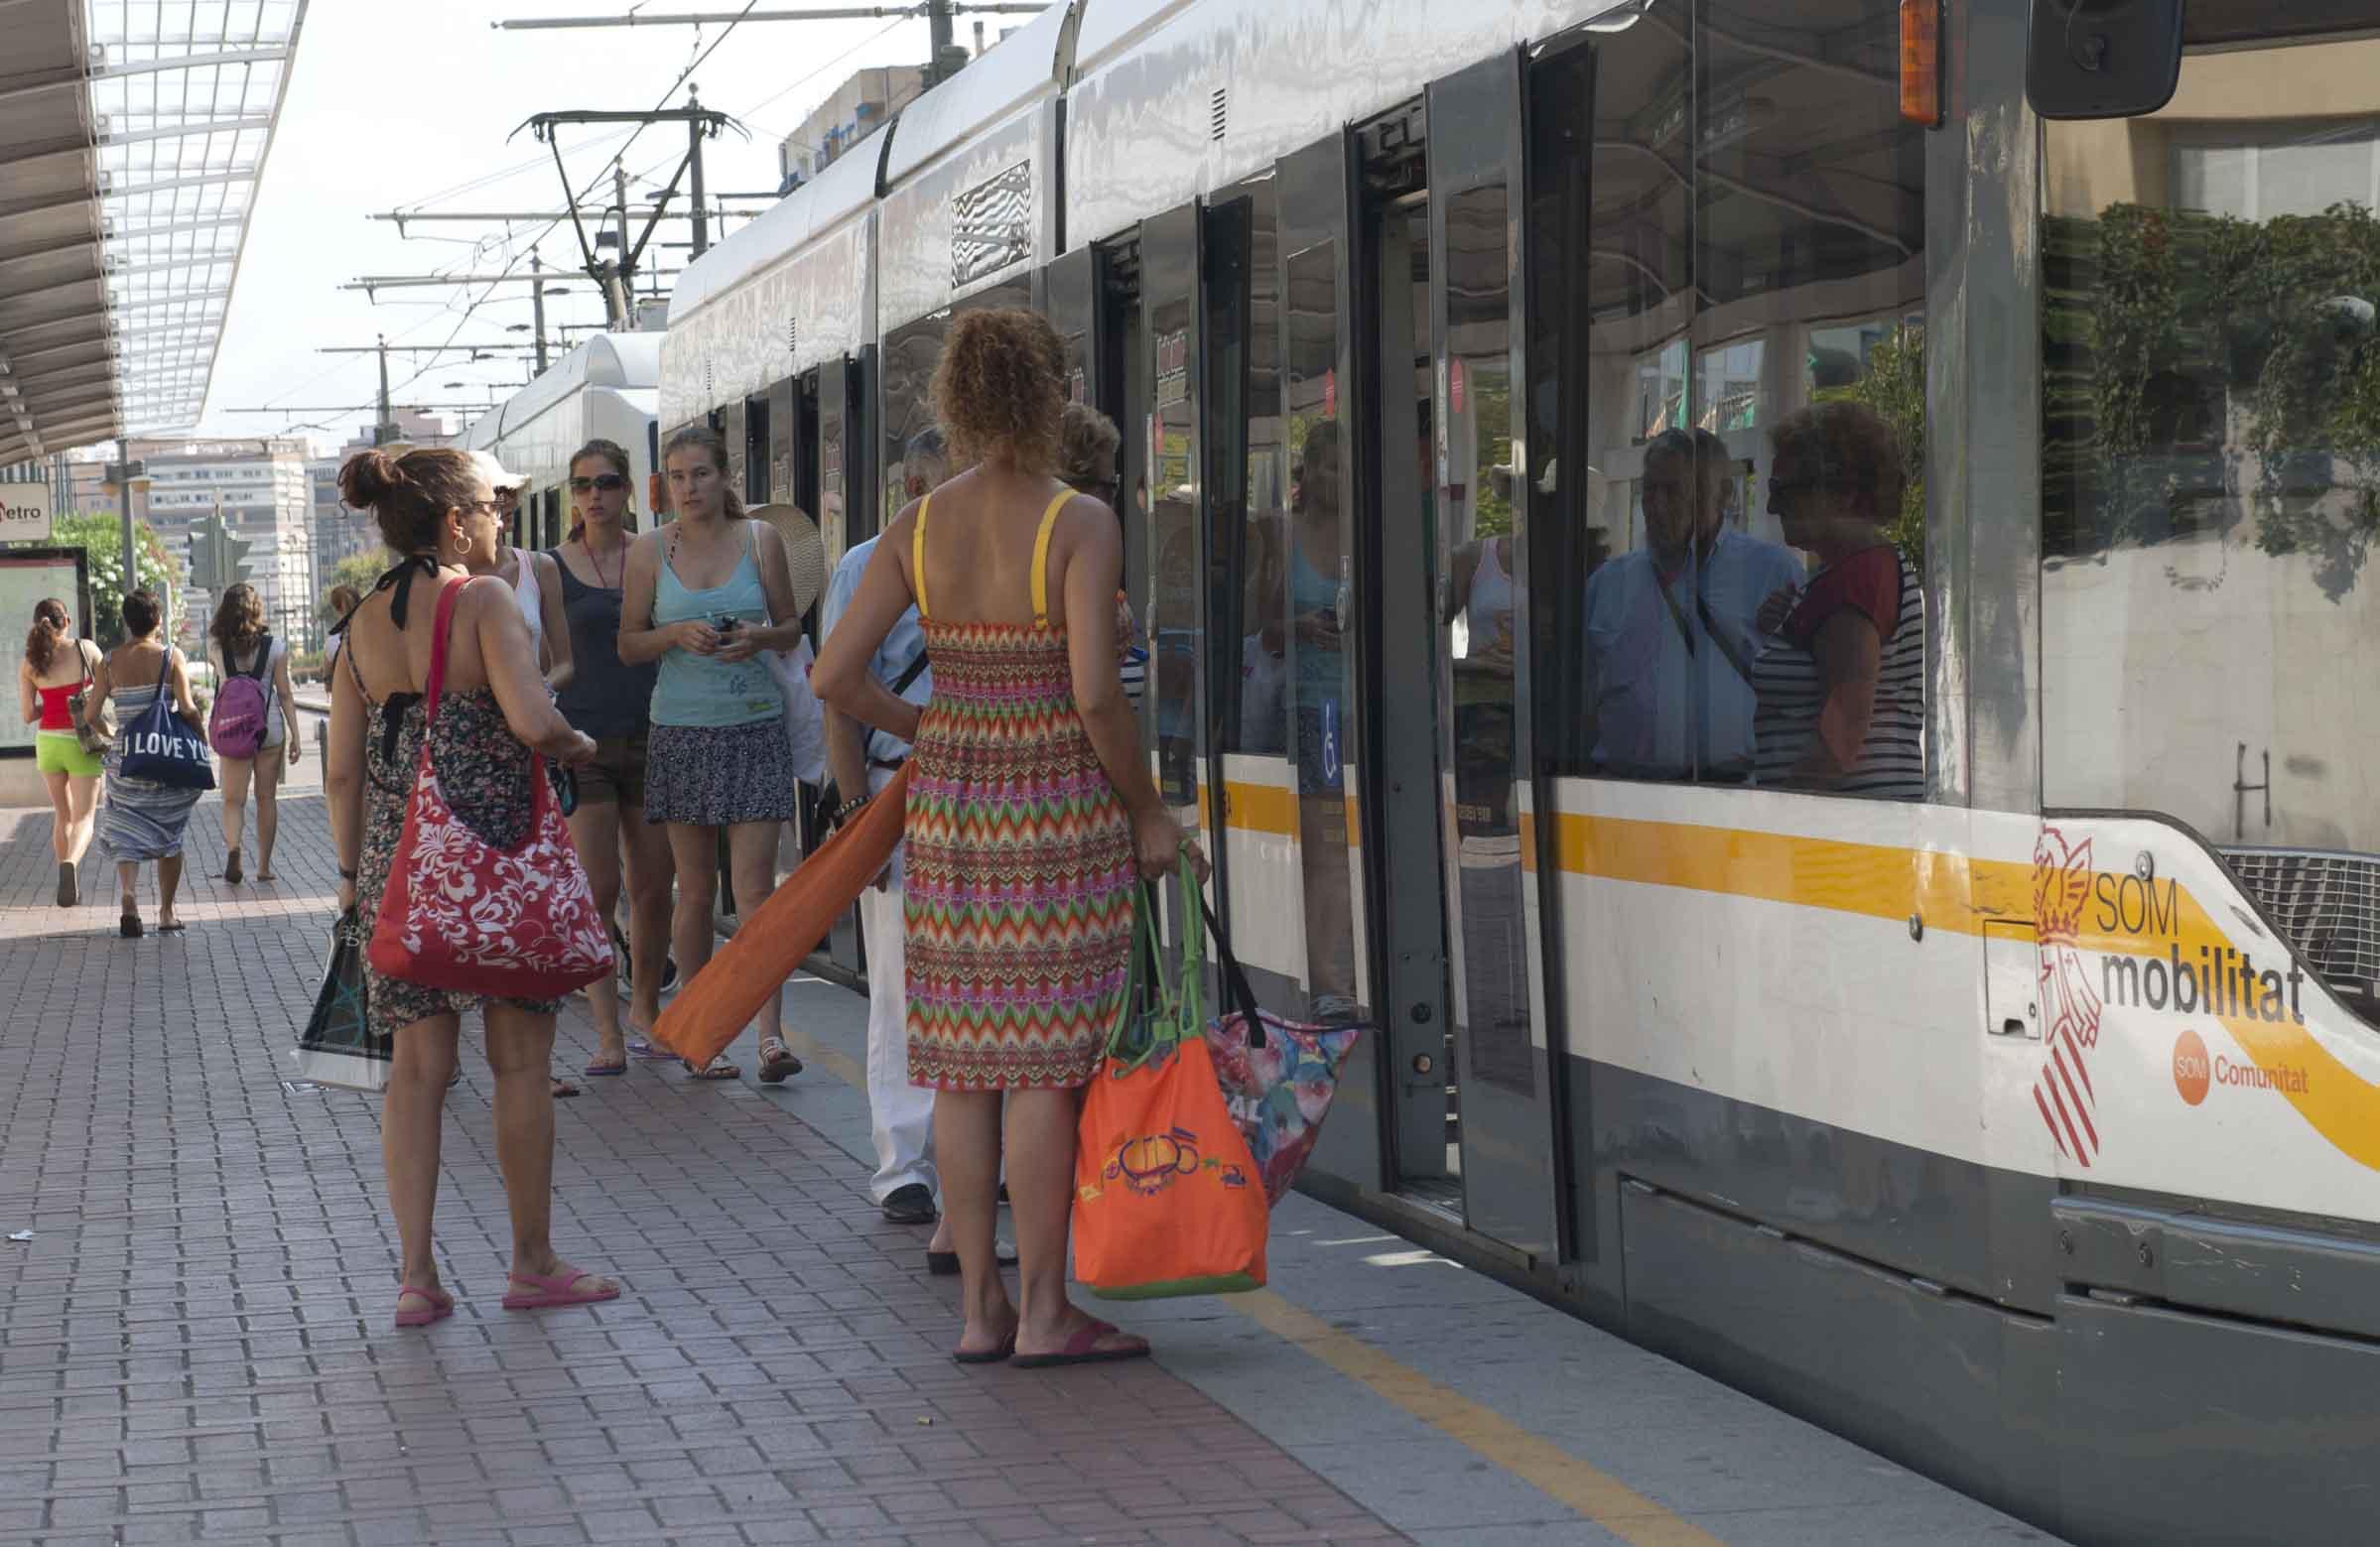 Metrovalencia desplazó en mayo a 6,1 millones de viajeros